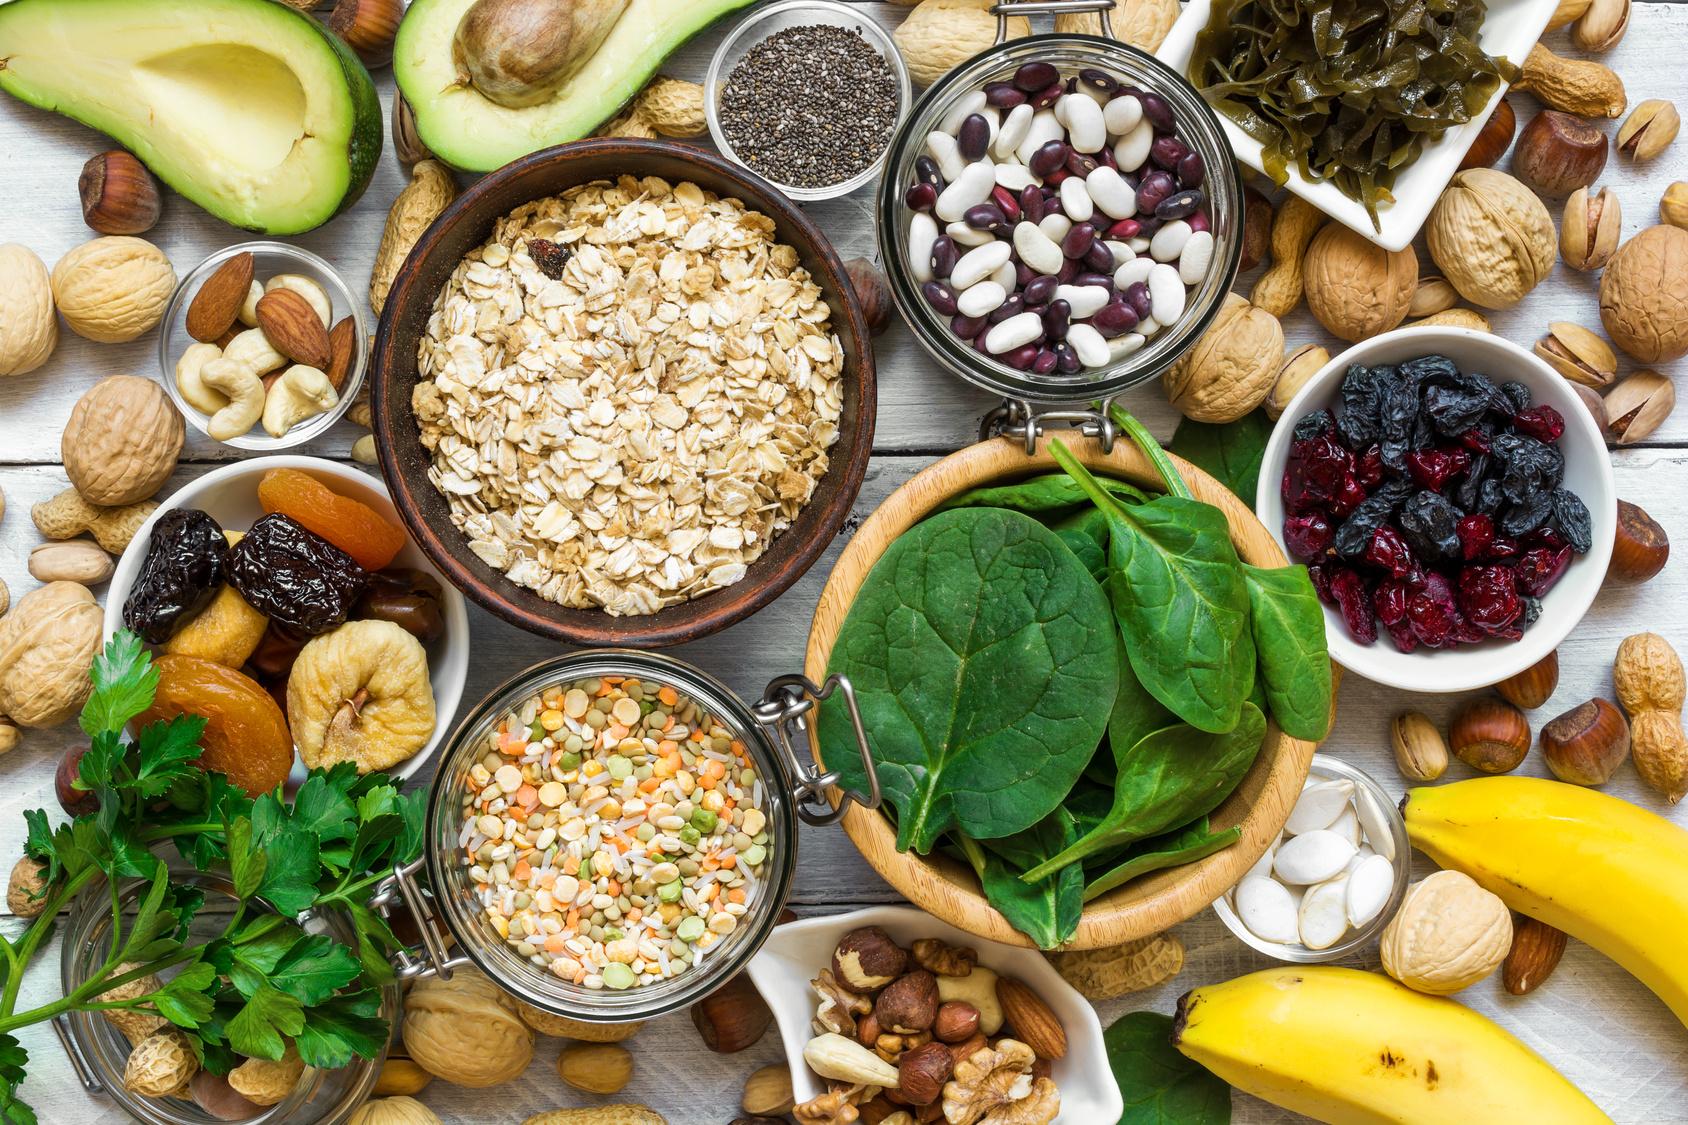 Obtén alimentos frescos y ecológicos